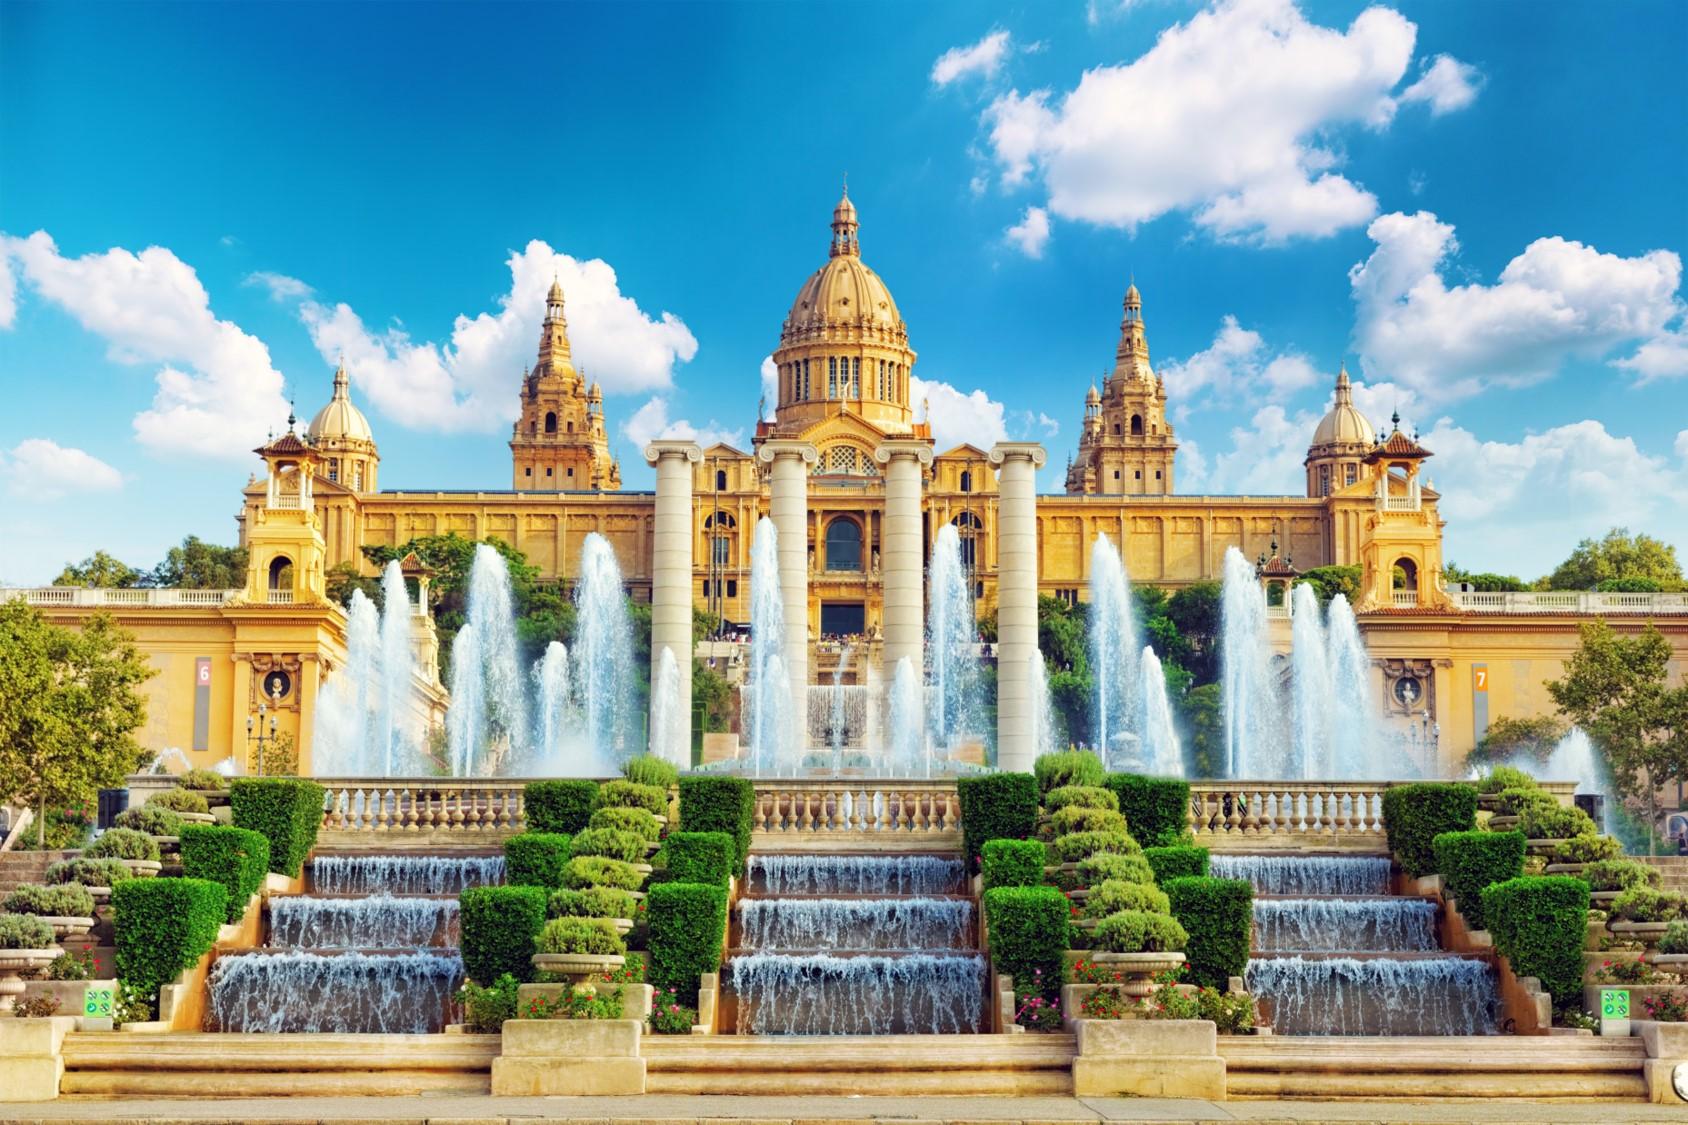 Turismo urbano en grandes ciudades